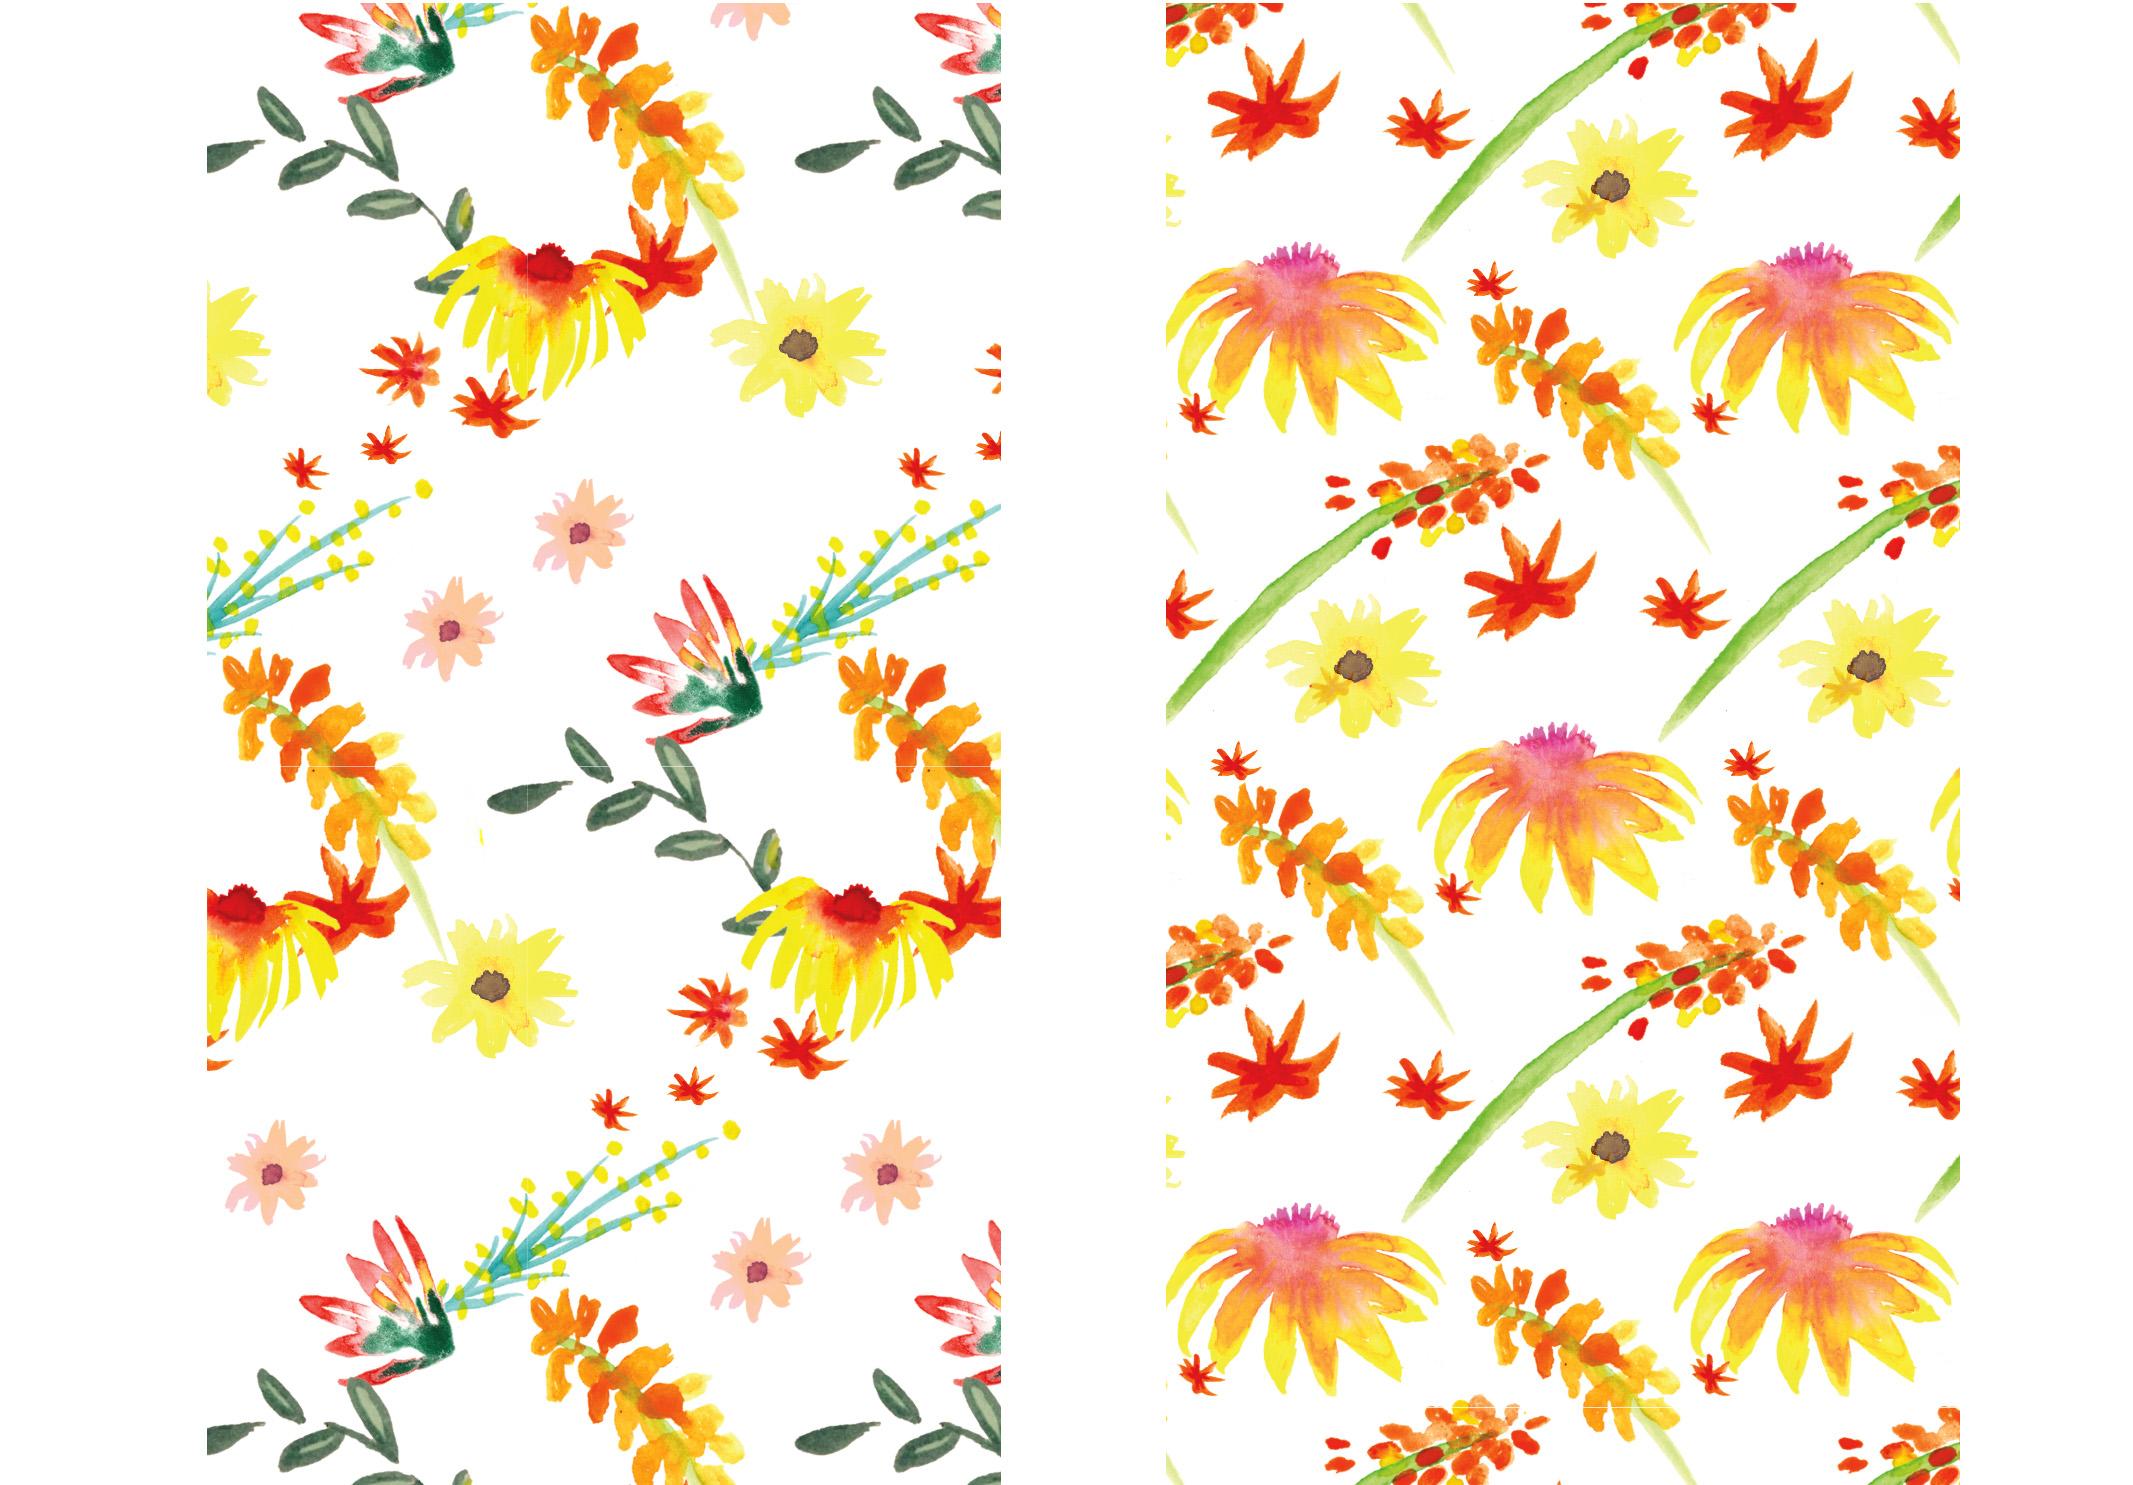 AliCrest_patterns.jpg